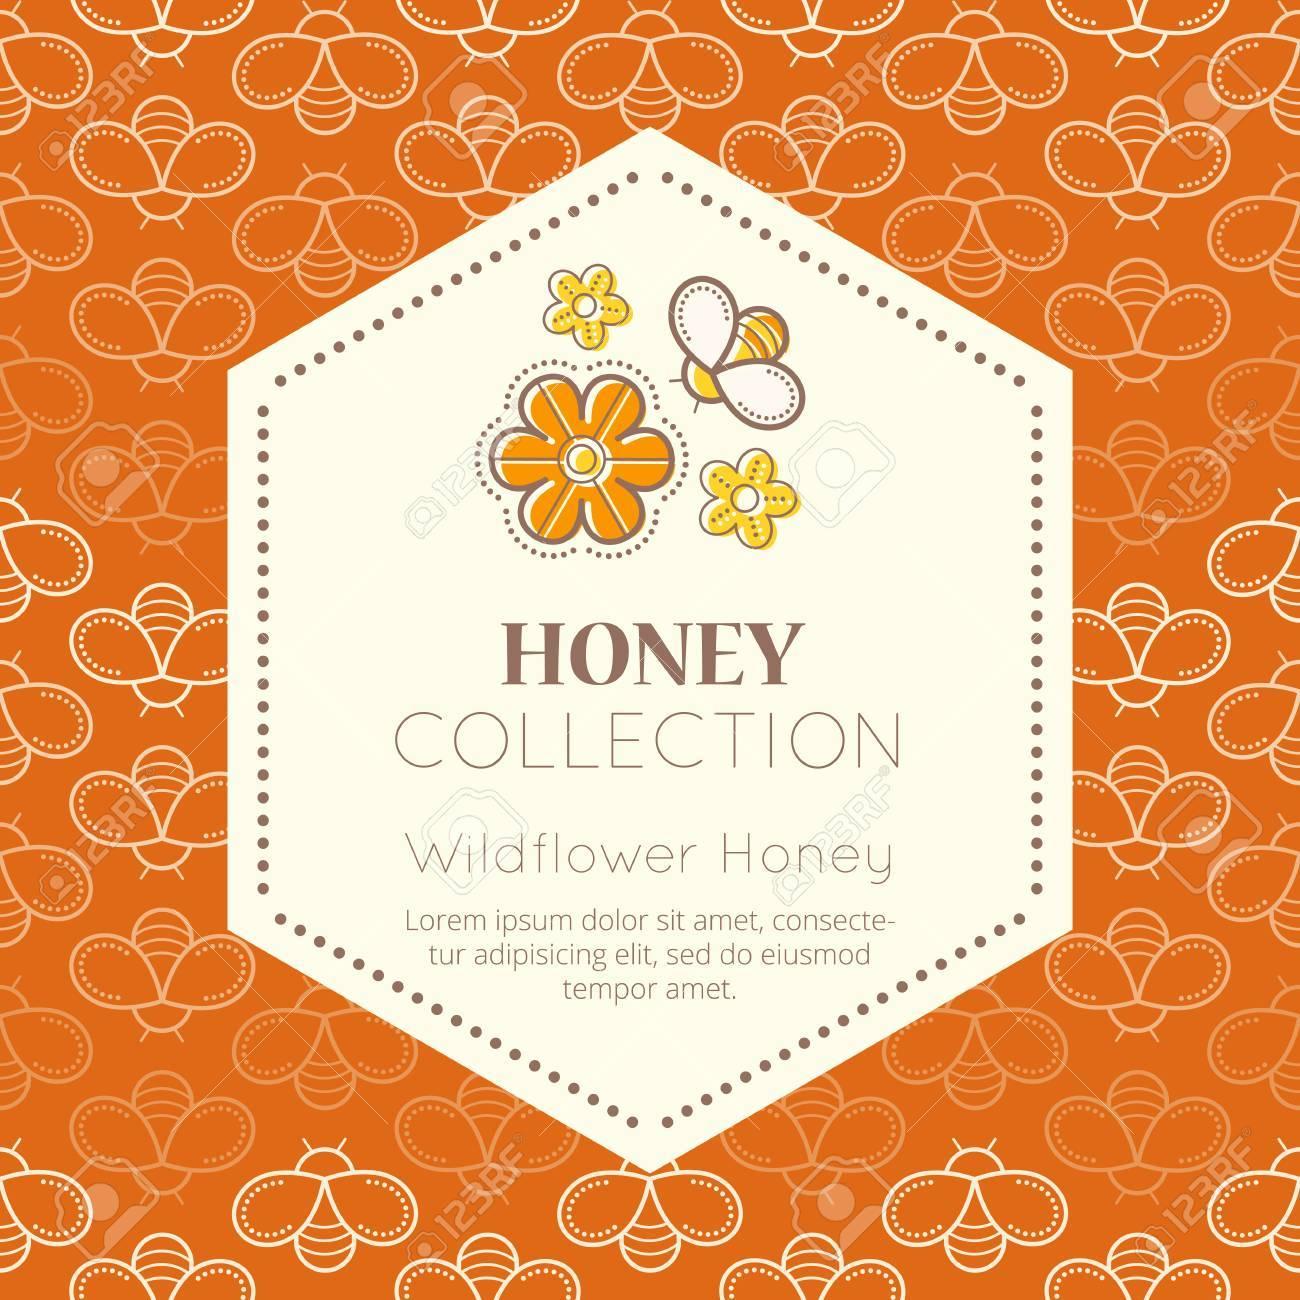 Vector Verpackung Vorlage Mit Nahtlose Muster. Natürlicher Honig ...